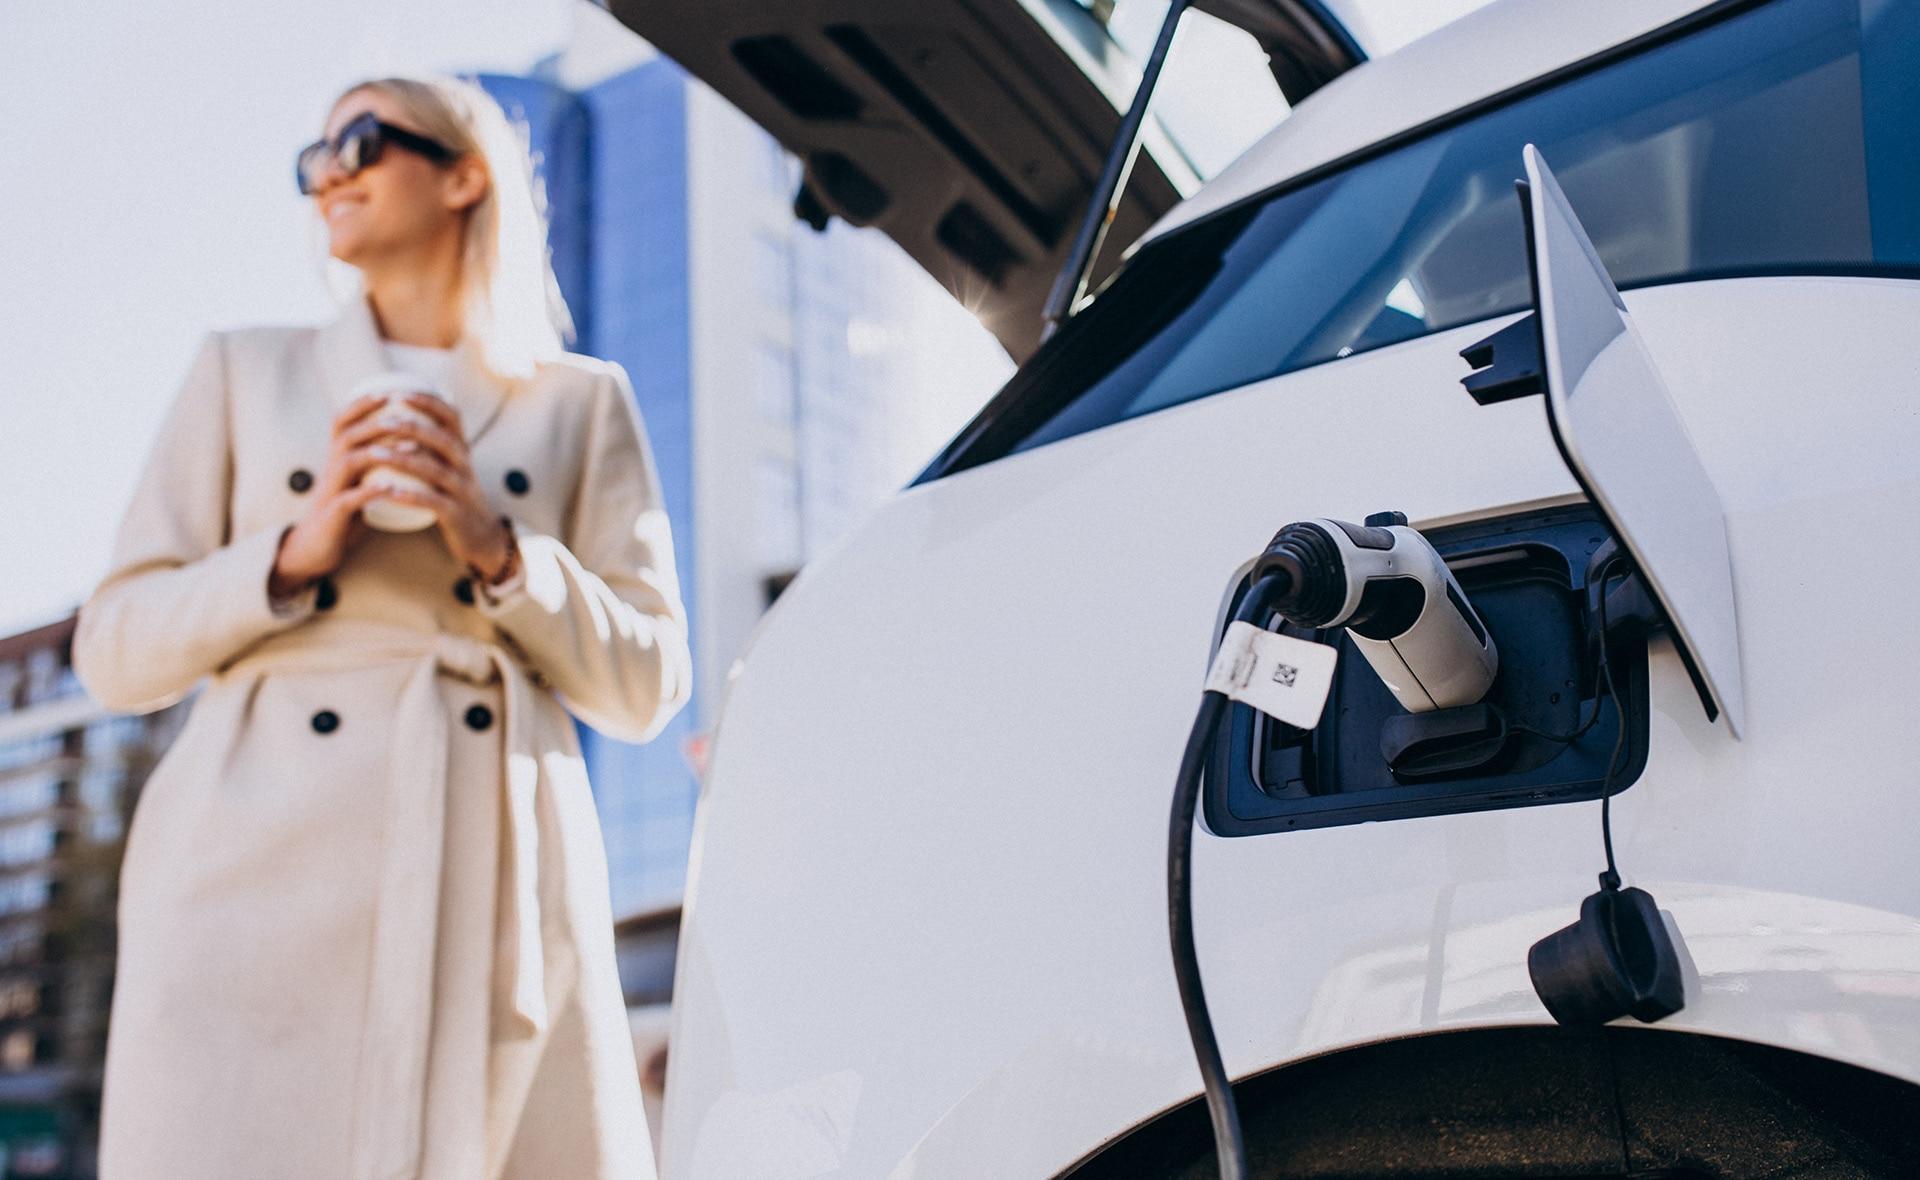 BBVA-movilidad-electrica-aedive-movilidad-sostenibilidad-acuerdo-impulso-medioambiente-asociarse